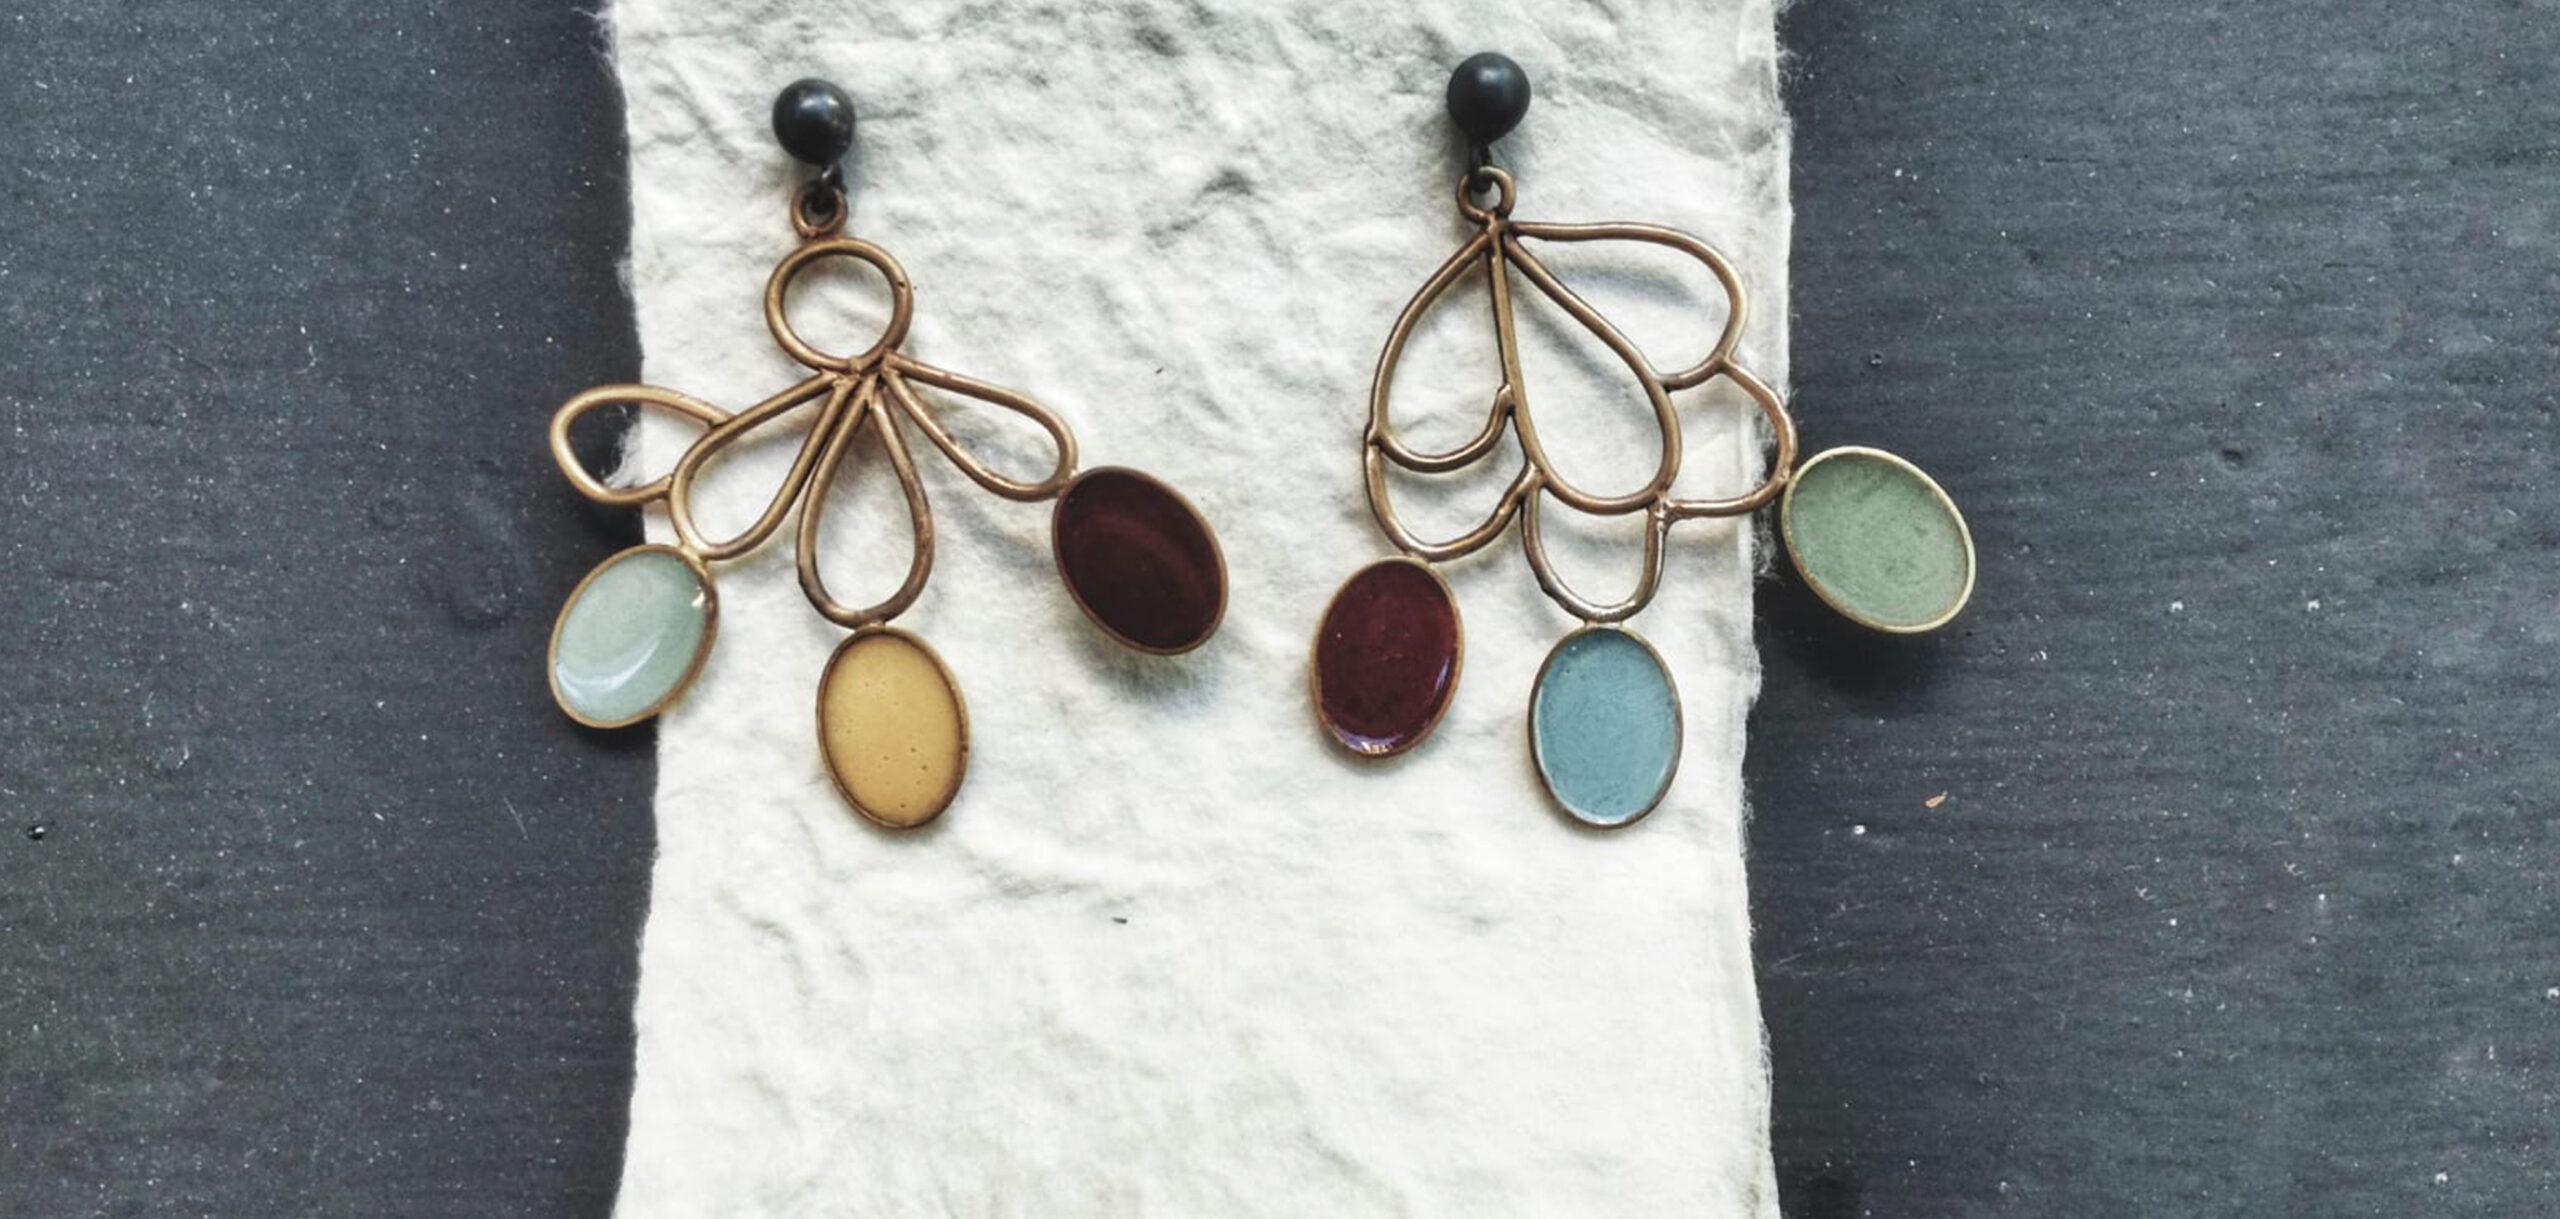 bijou e gioielli artigianali online